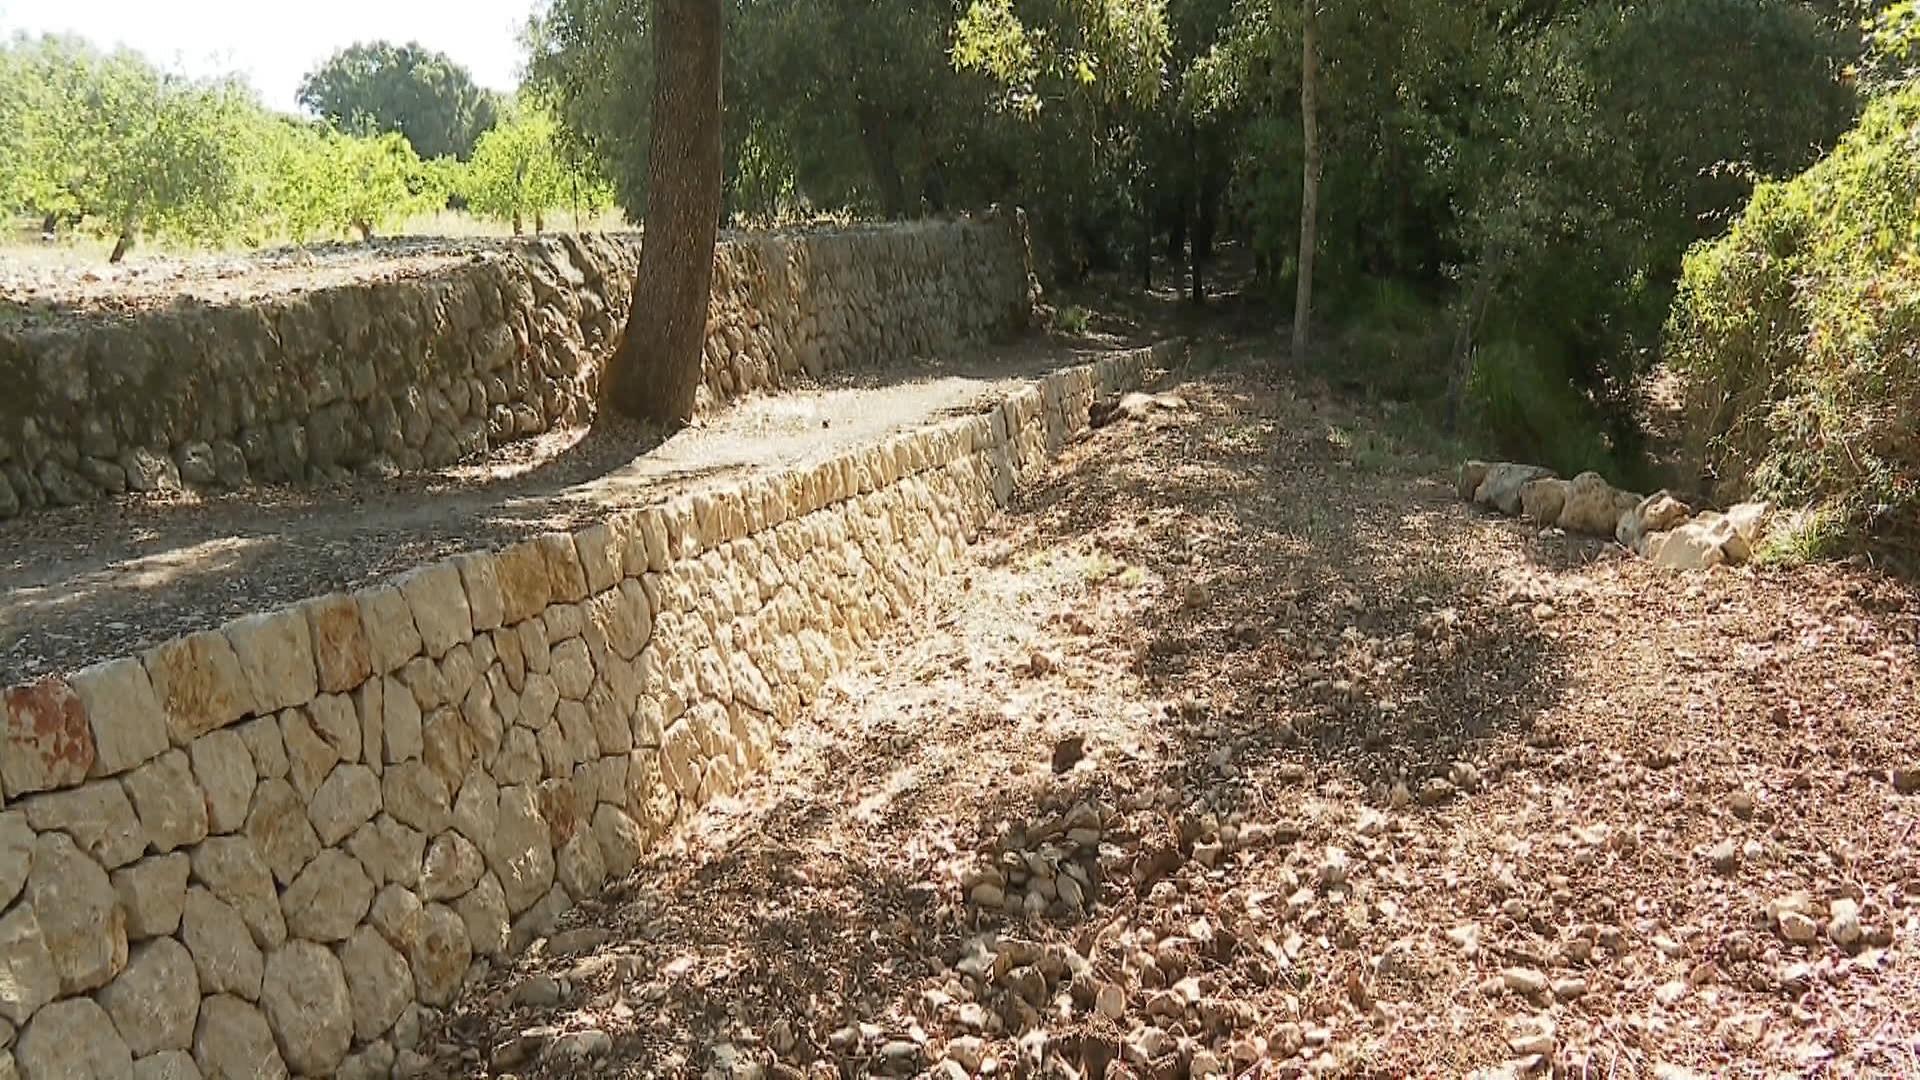 Reparen+el+mur+de+pedra+en+sec+del+cam%C3%AD+vell+de+Pollen%C3%A7a